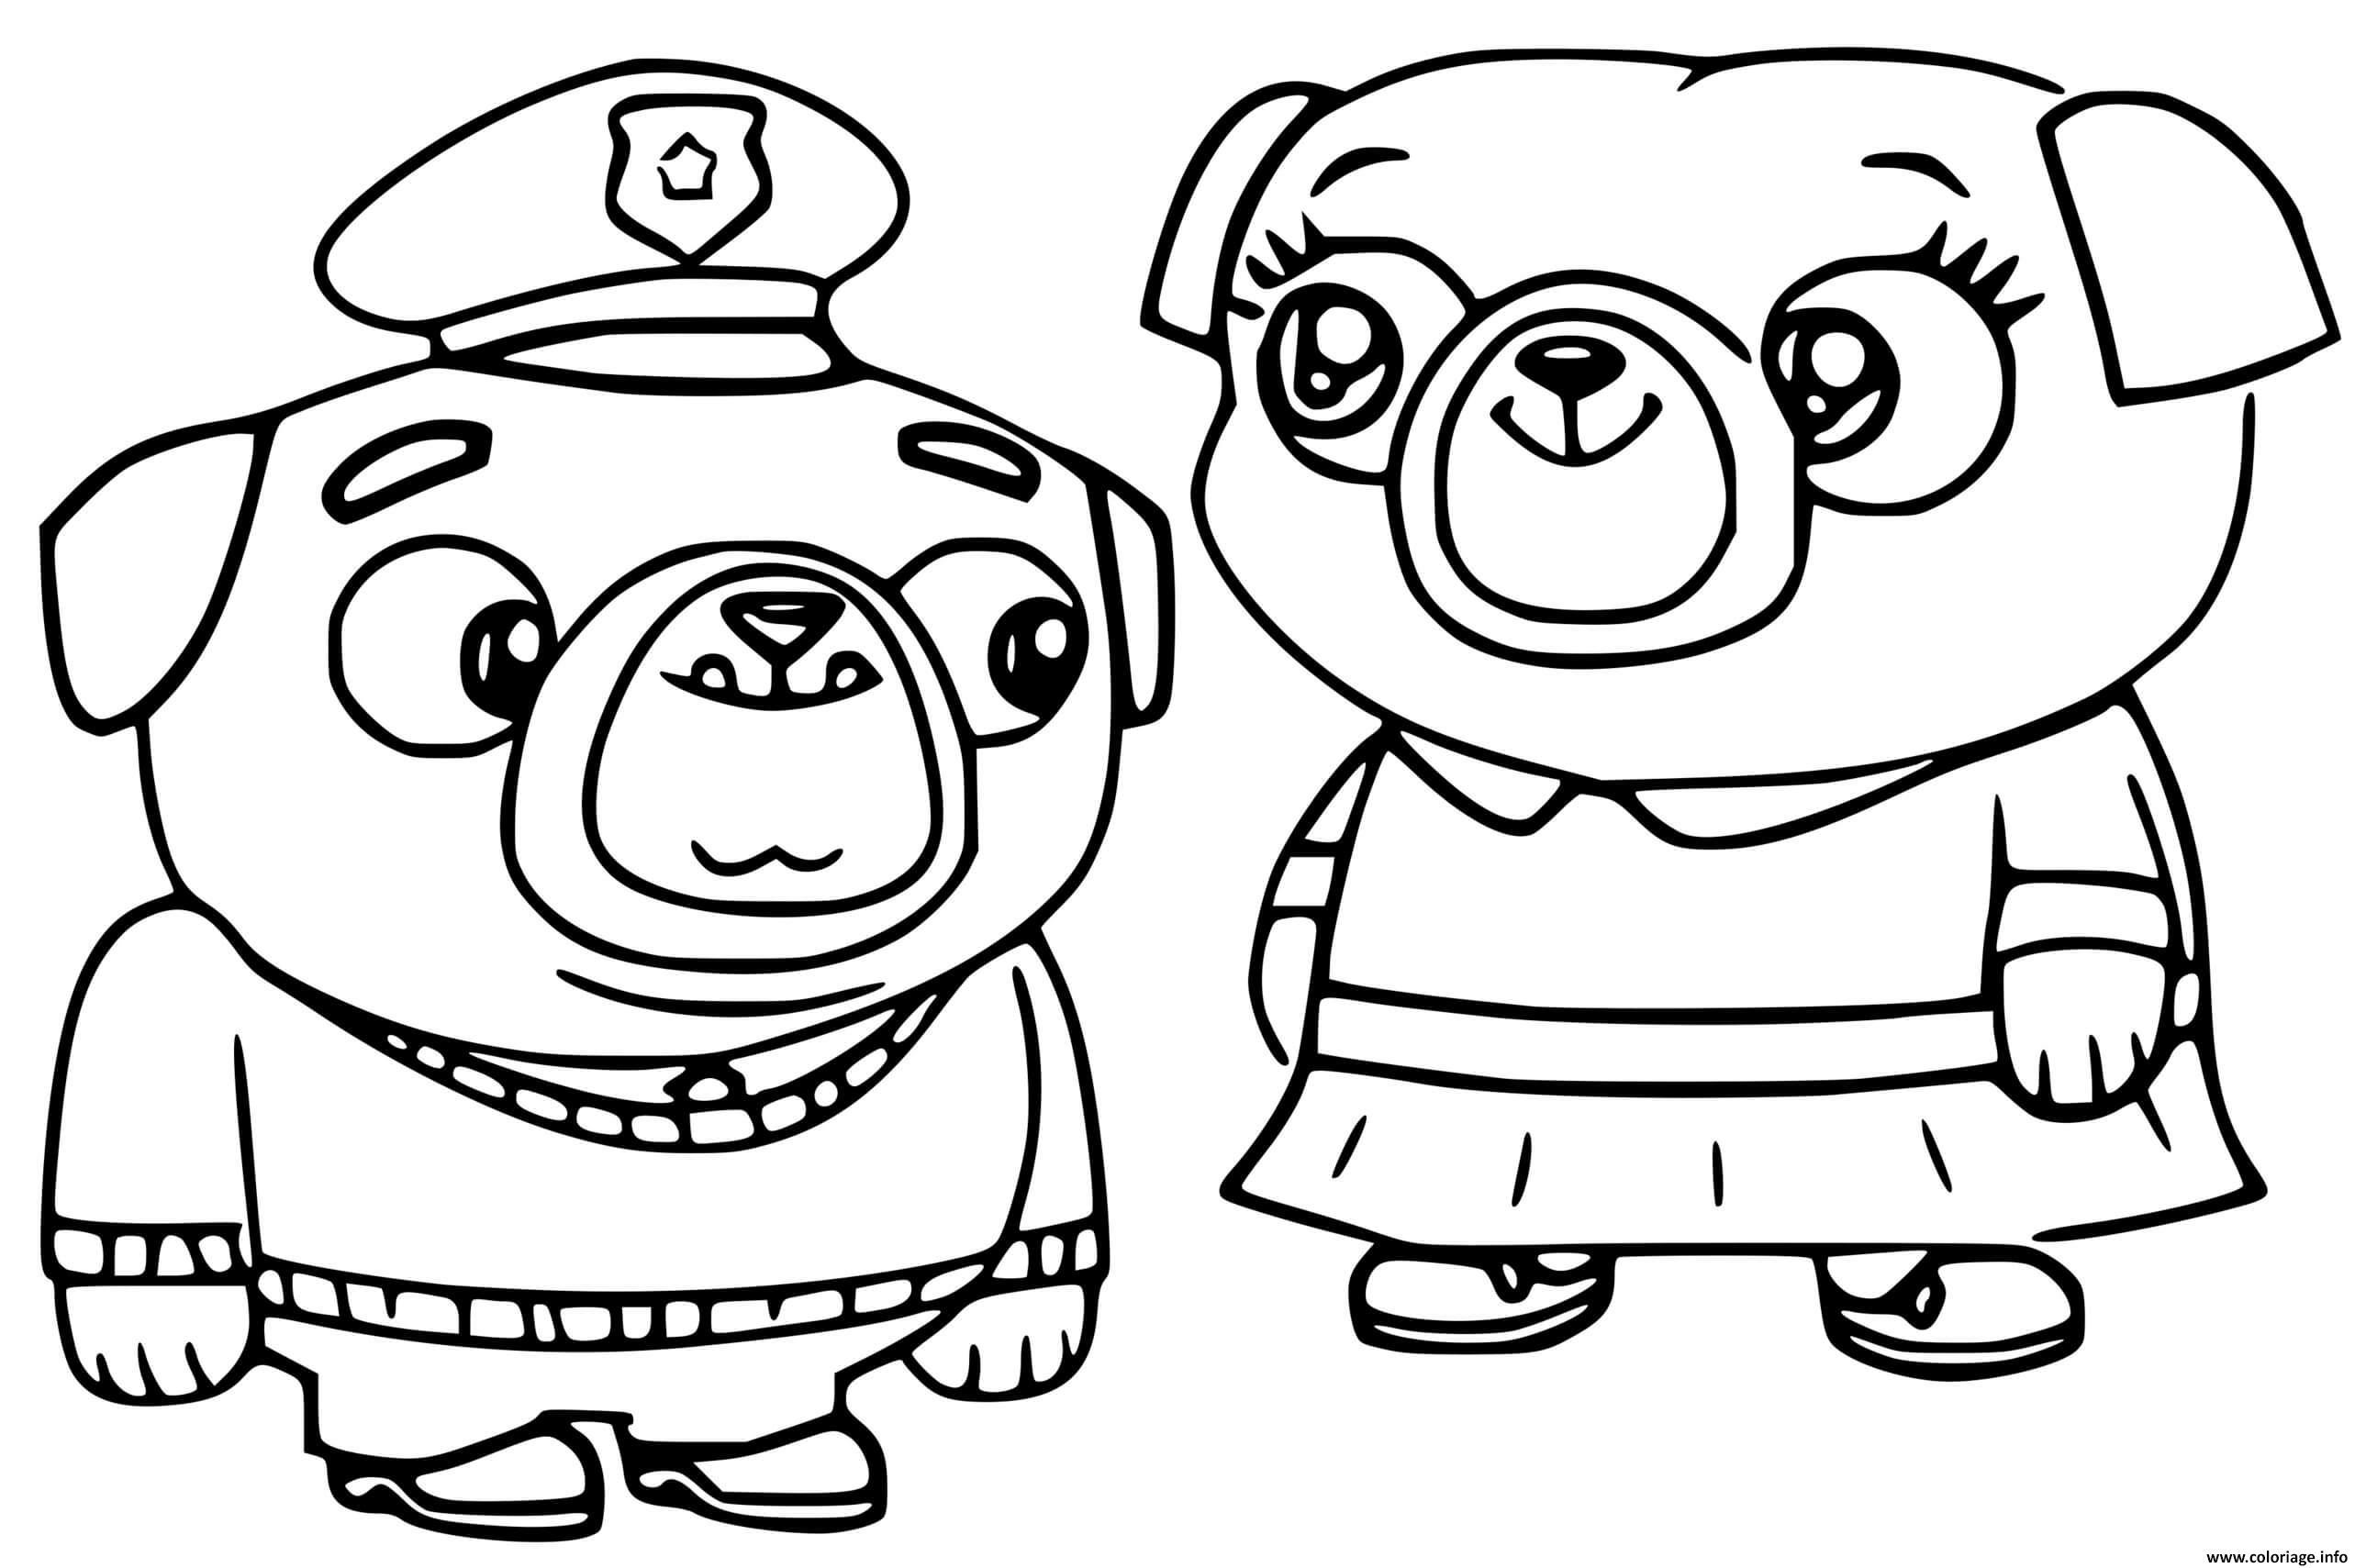 Dessin chip et patate little momma pug et little poppa pug les parents de chip Coloriage Gratuit à Imprimer